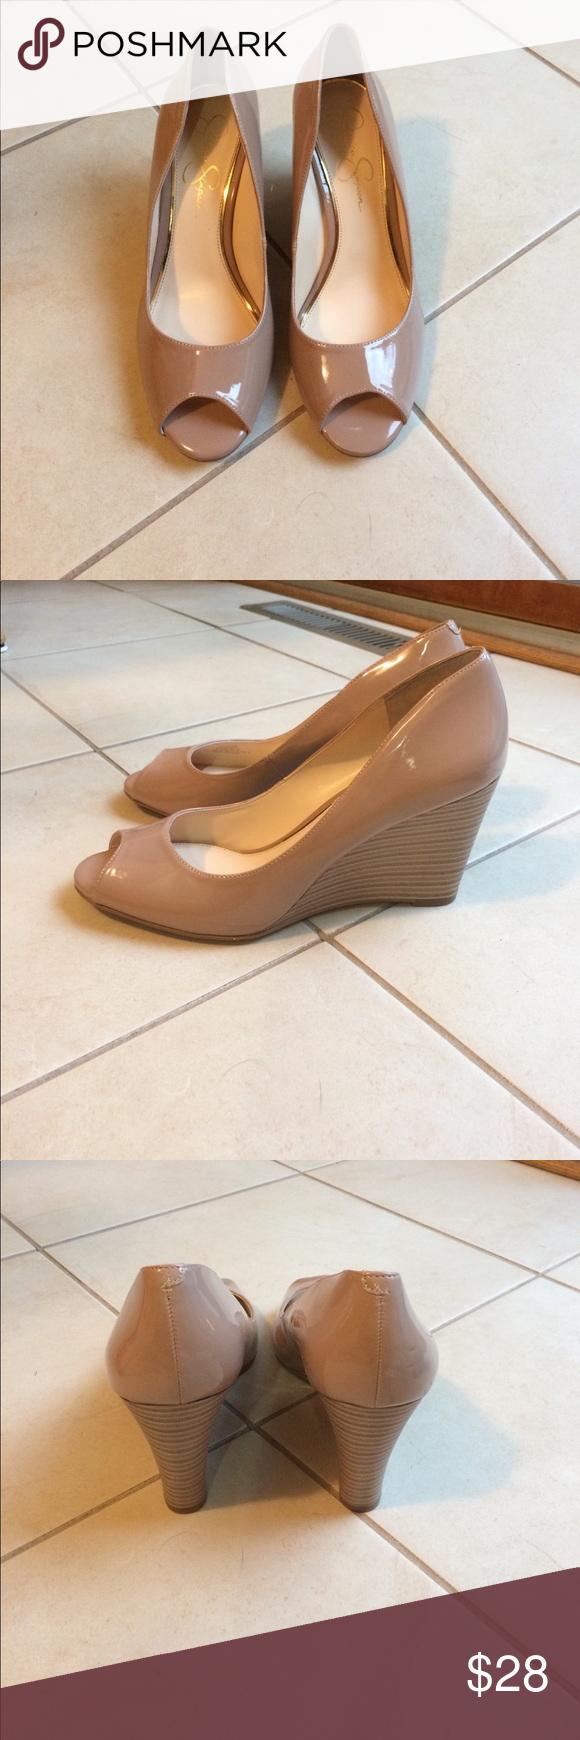 NWOT Jessica Simpson peep toe wedges